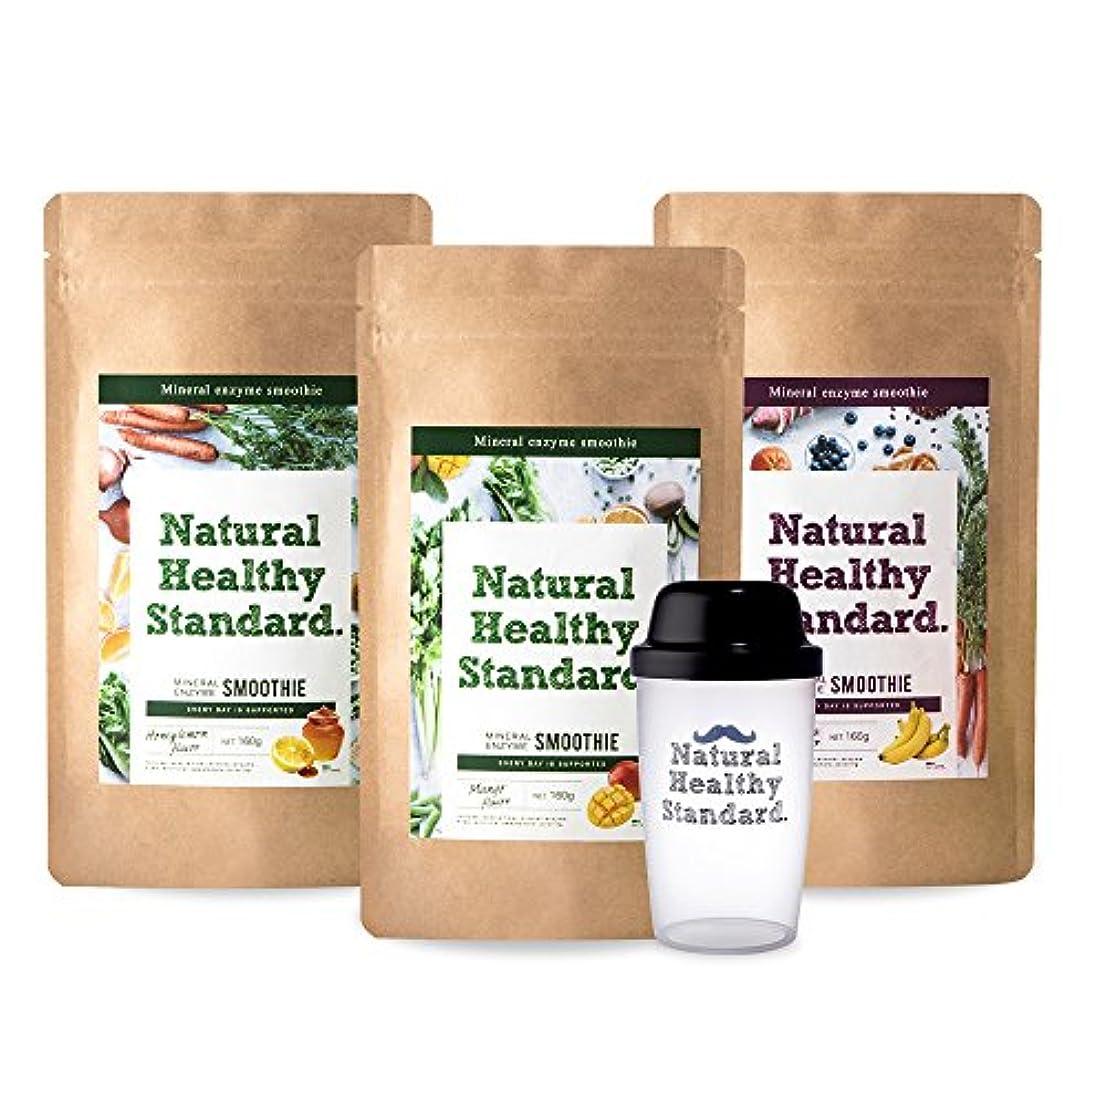 簿記係以下磁石Natural Healthy Standard. 選べるスムージー3袋セット マンゴー はちみつレモン アサイーバナナ 160g×3袋